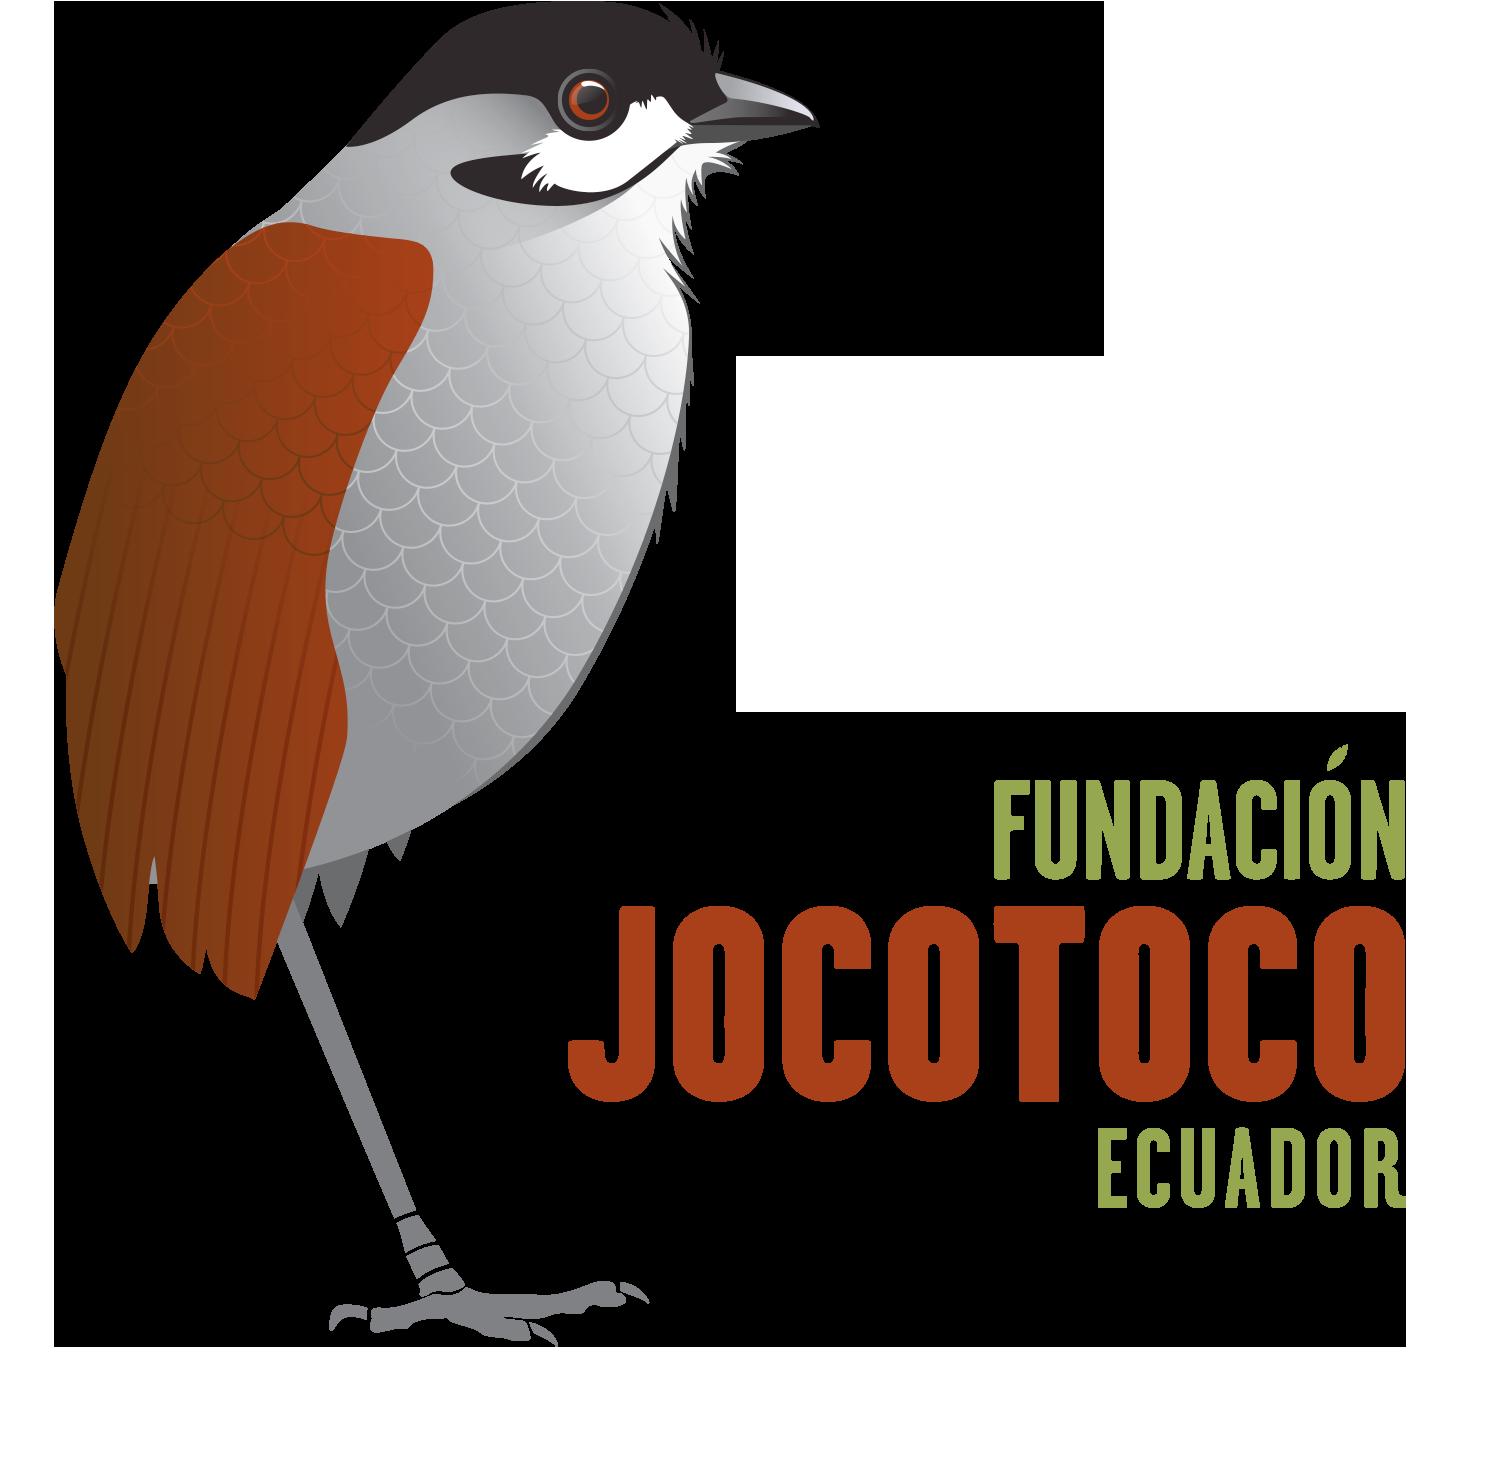 FJ_LOGO2017.png